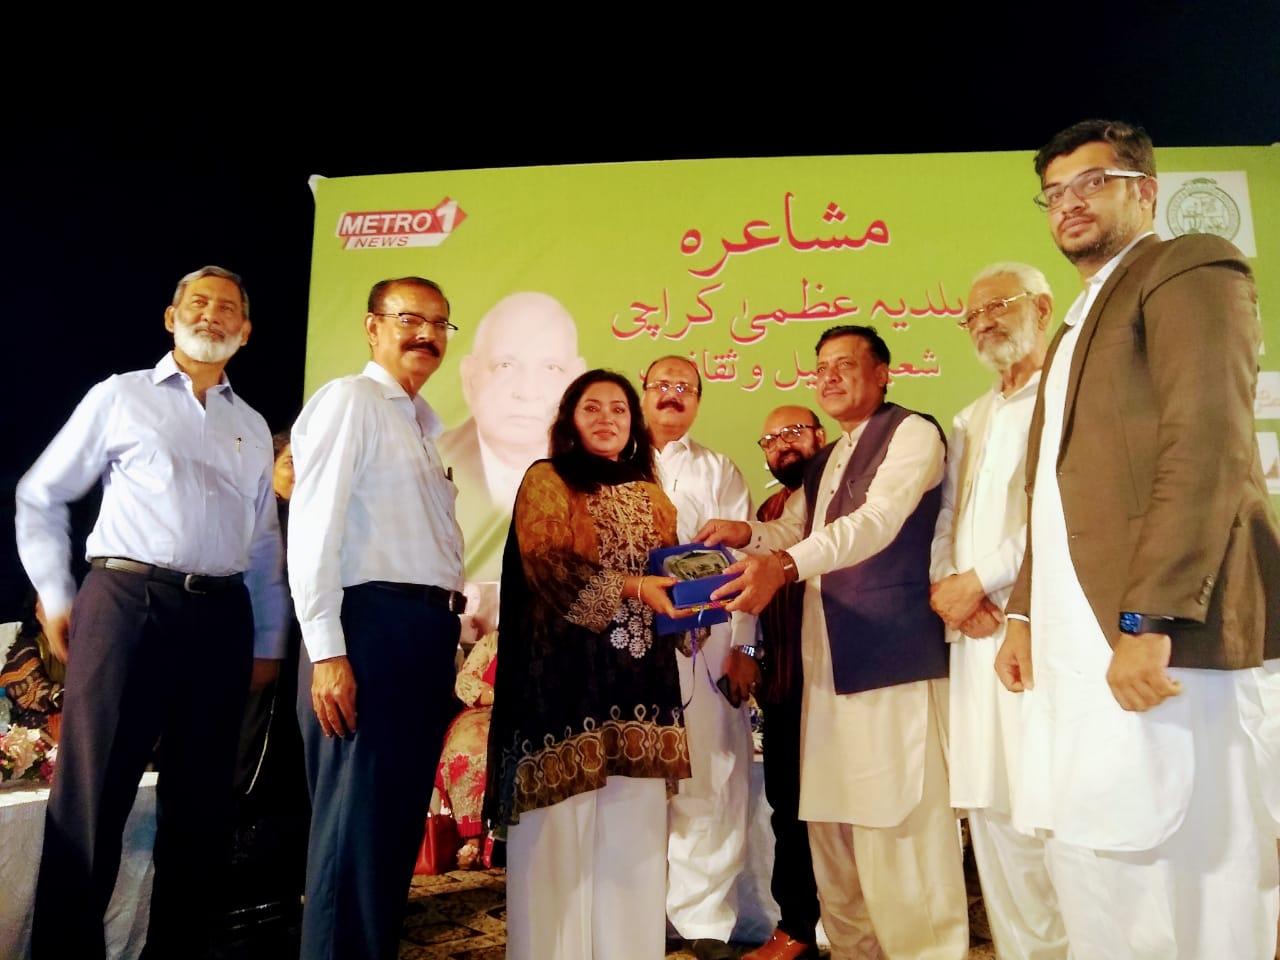 بلد یہ عظمیٰ کراچی کے افسران اور مشاعرے کے آرگنائزر معروف شاعرہ آئرین فرحت کو شیلڈ دے رہے ہیں